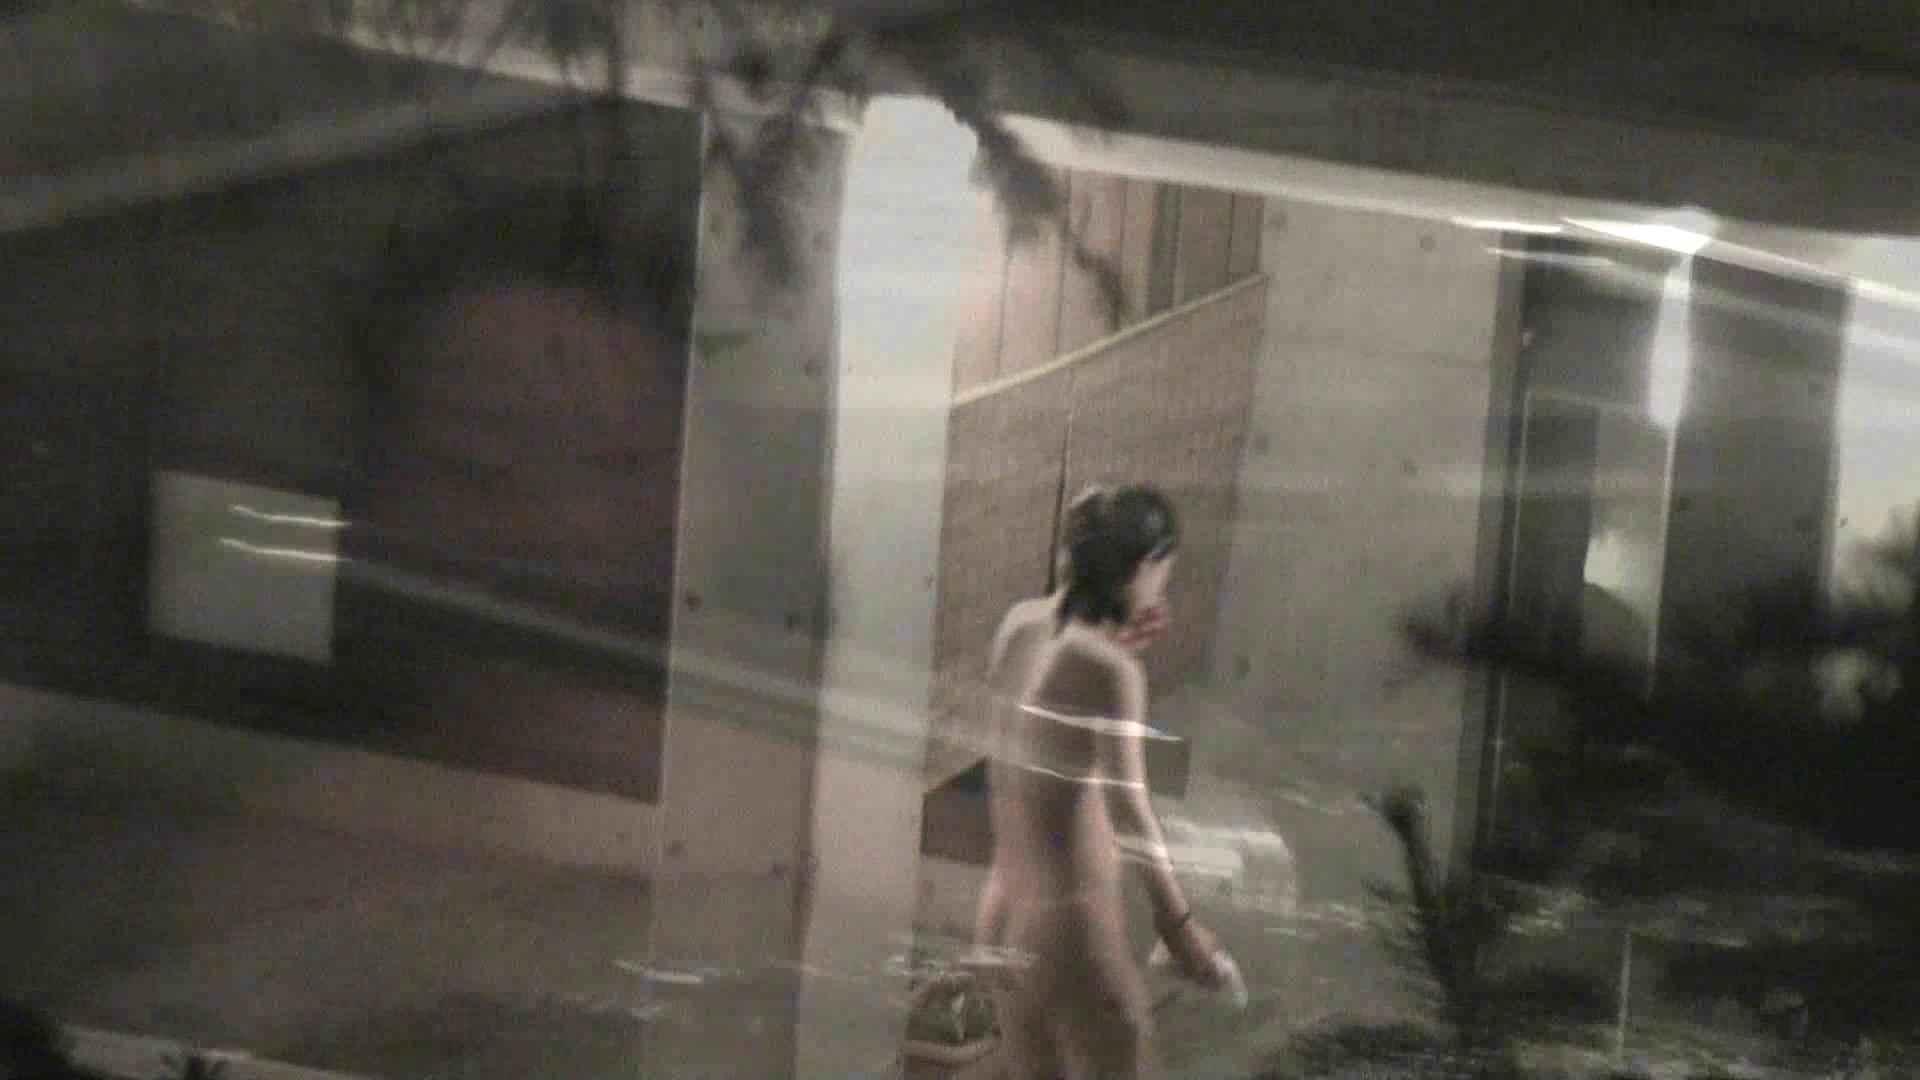 Aquaな露天風呂Vol.318 露天風呂突入 隠し撮りオマンコ動画紹介 105pic 29